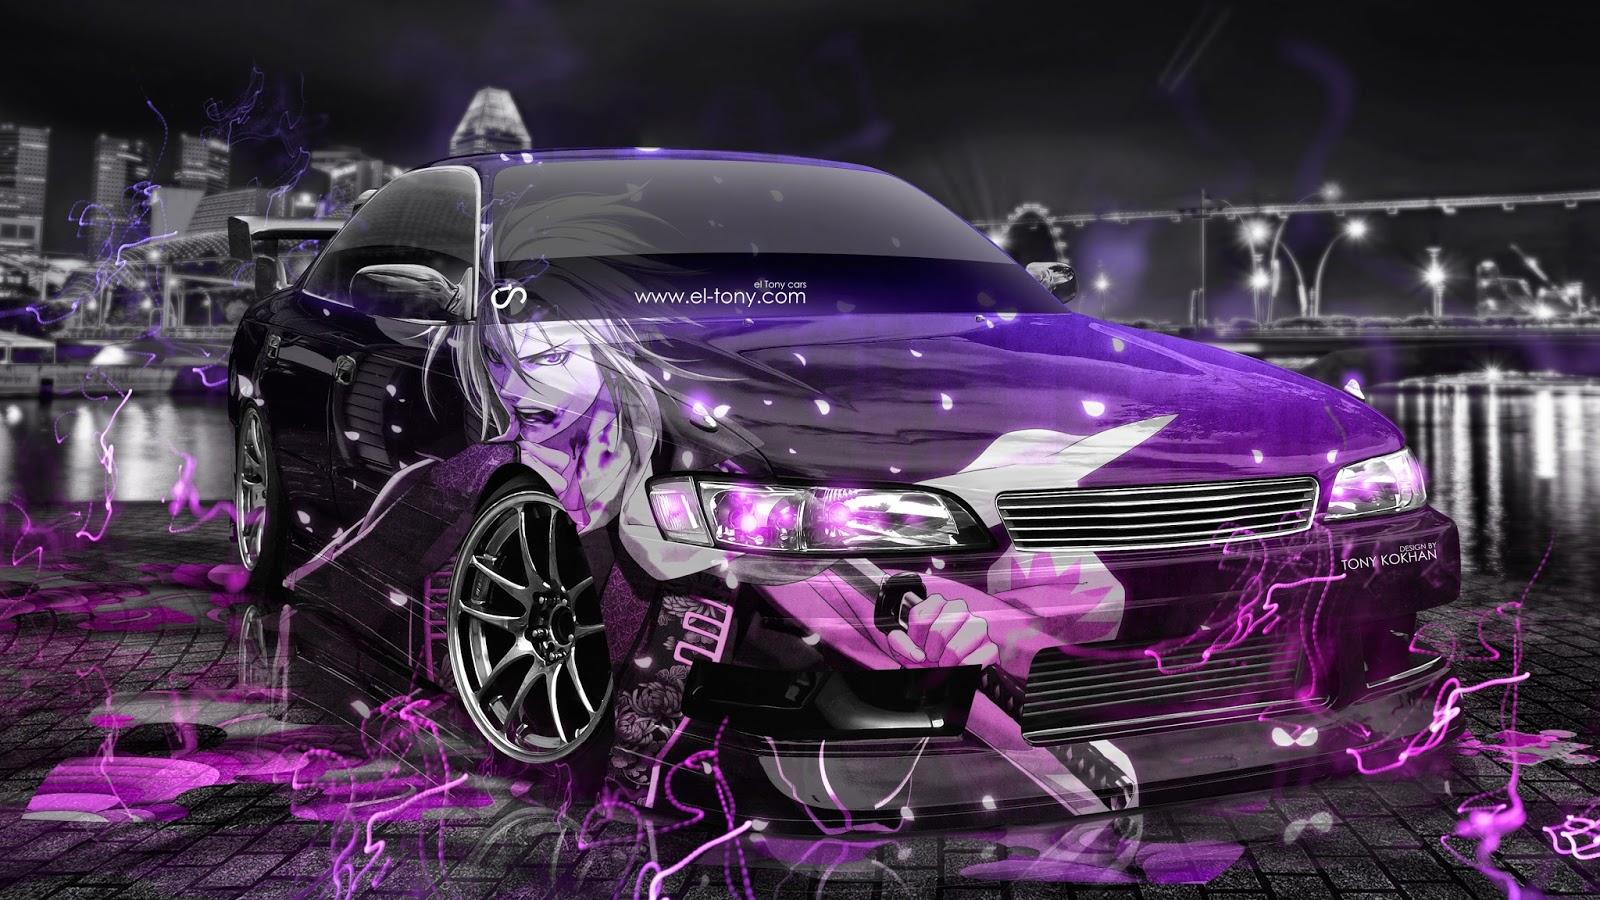 3d Mustang Wallpaper سيارات انمي معدله 2017 اجمل صور سيارات الانمي 2017